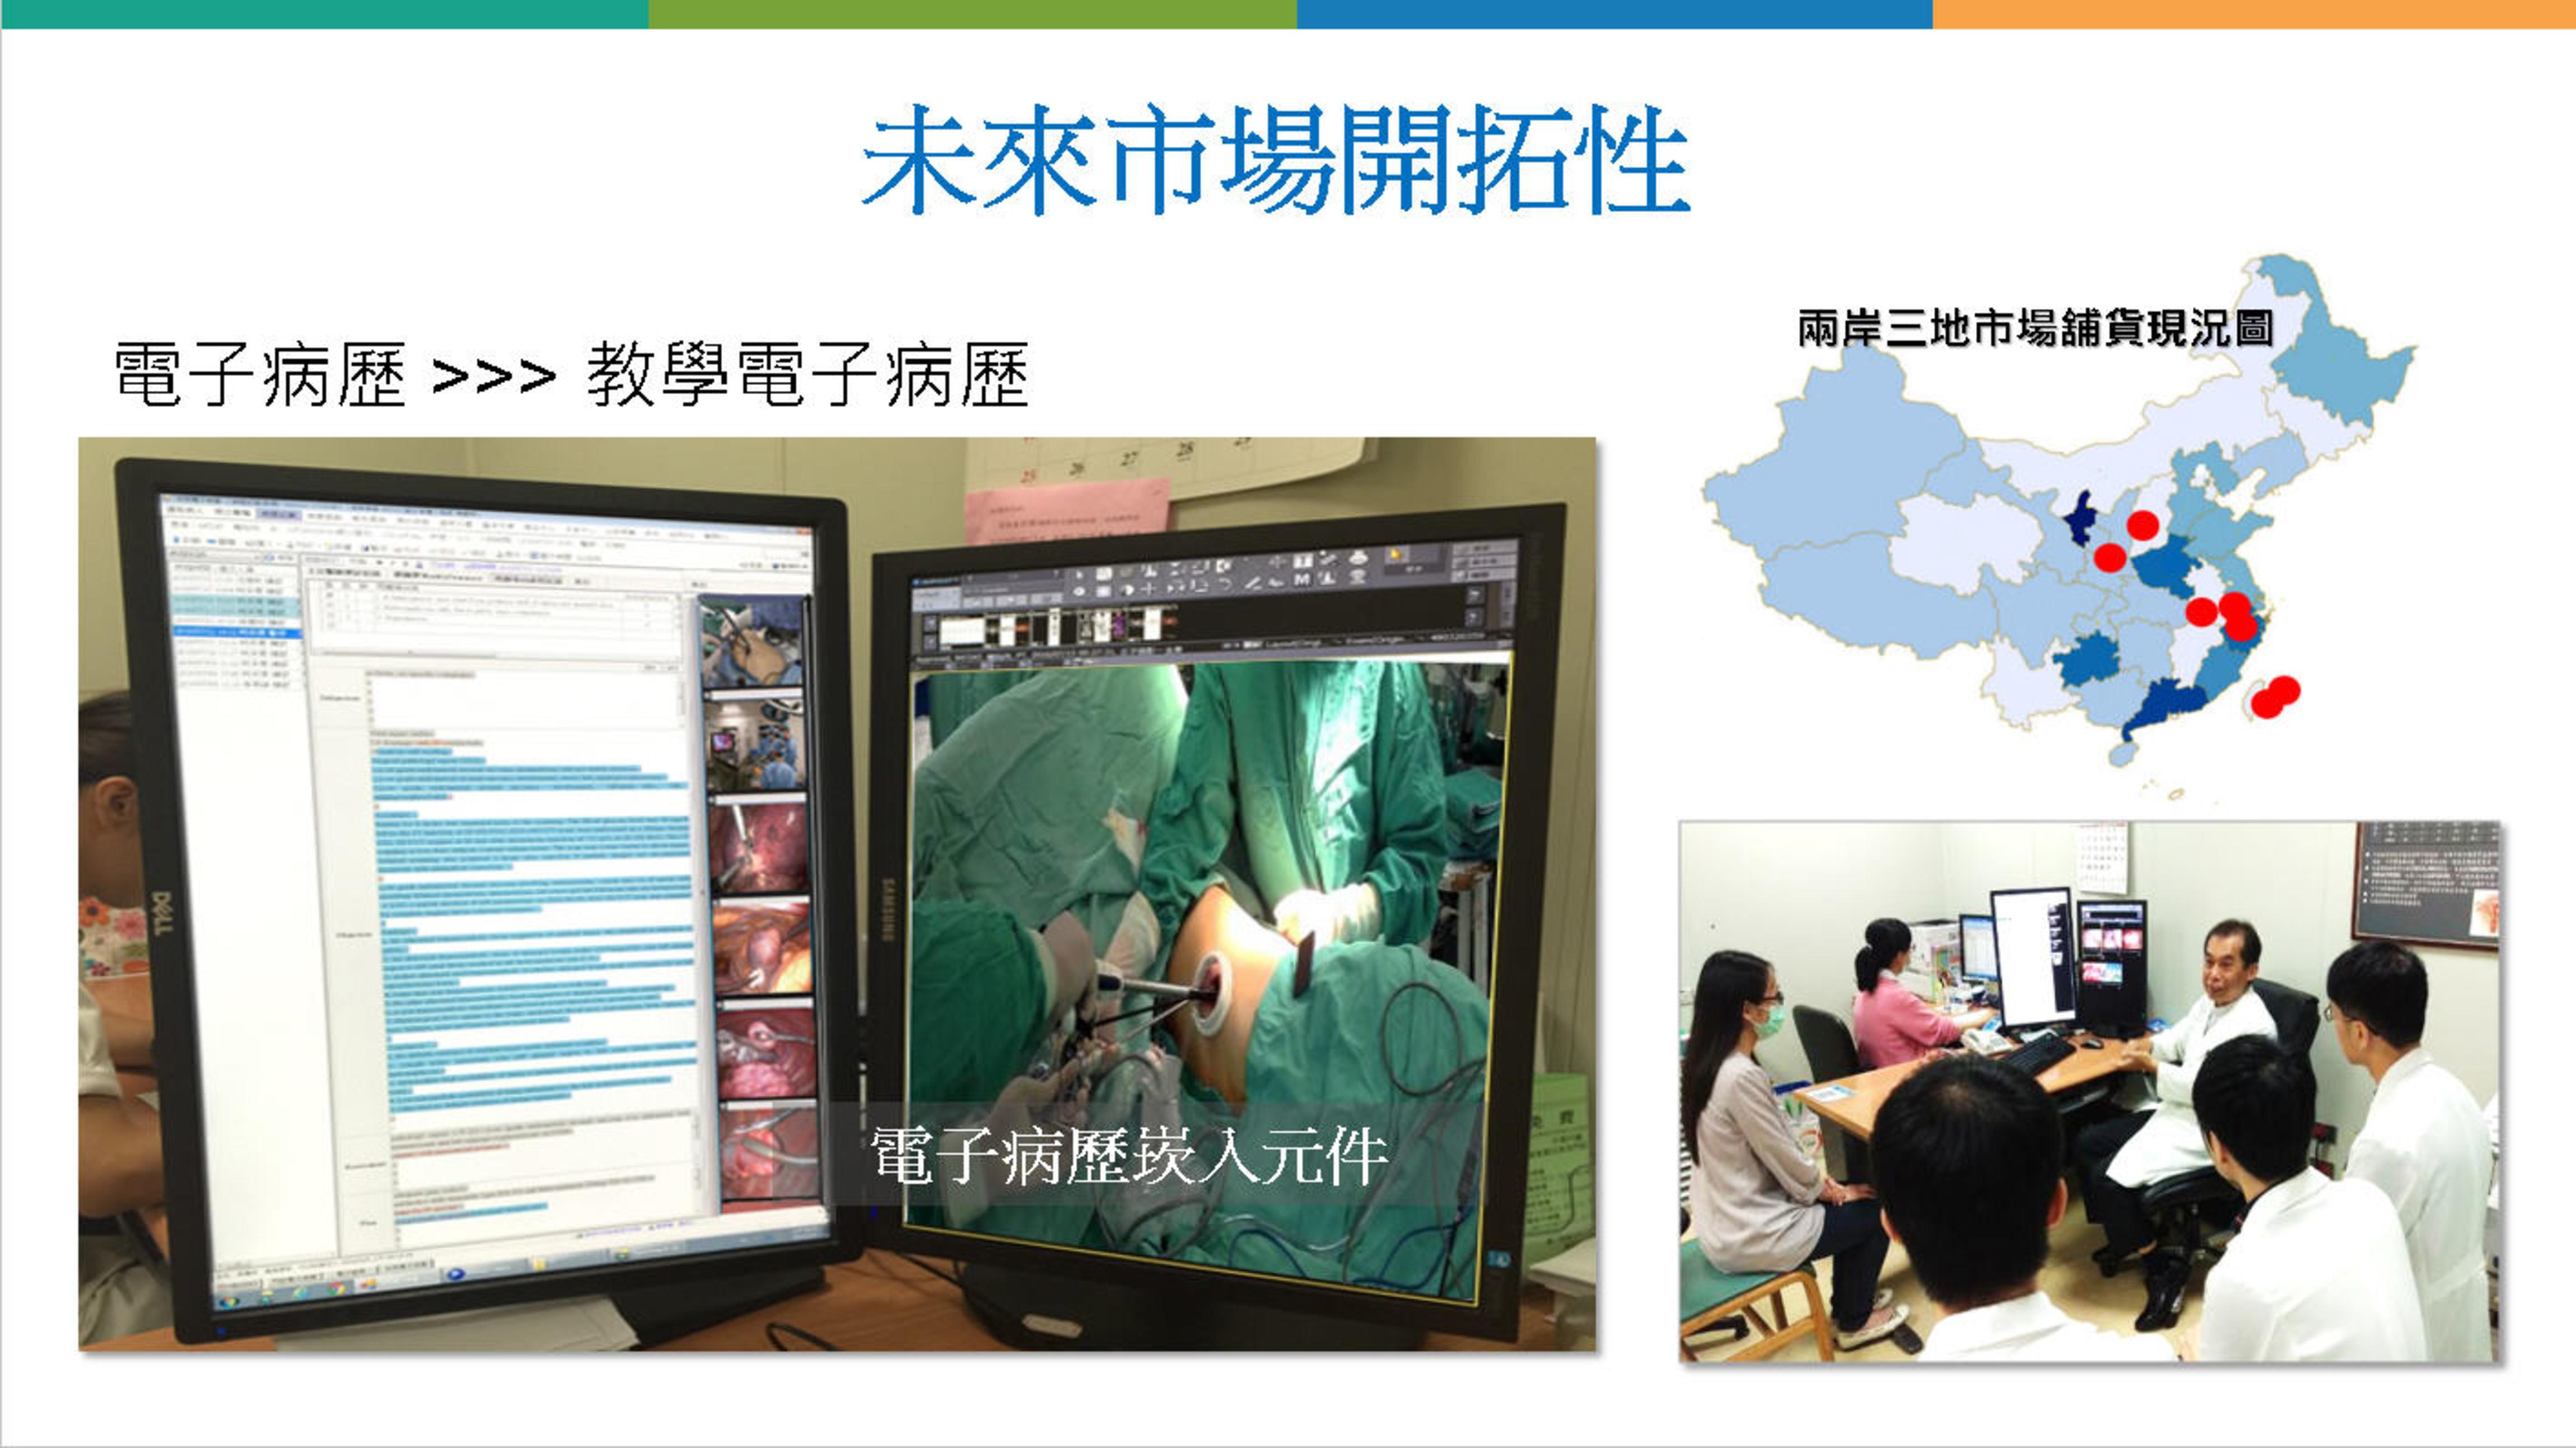 已經採用創新教學電子病歷的區域